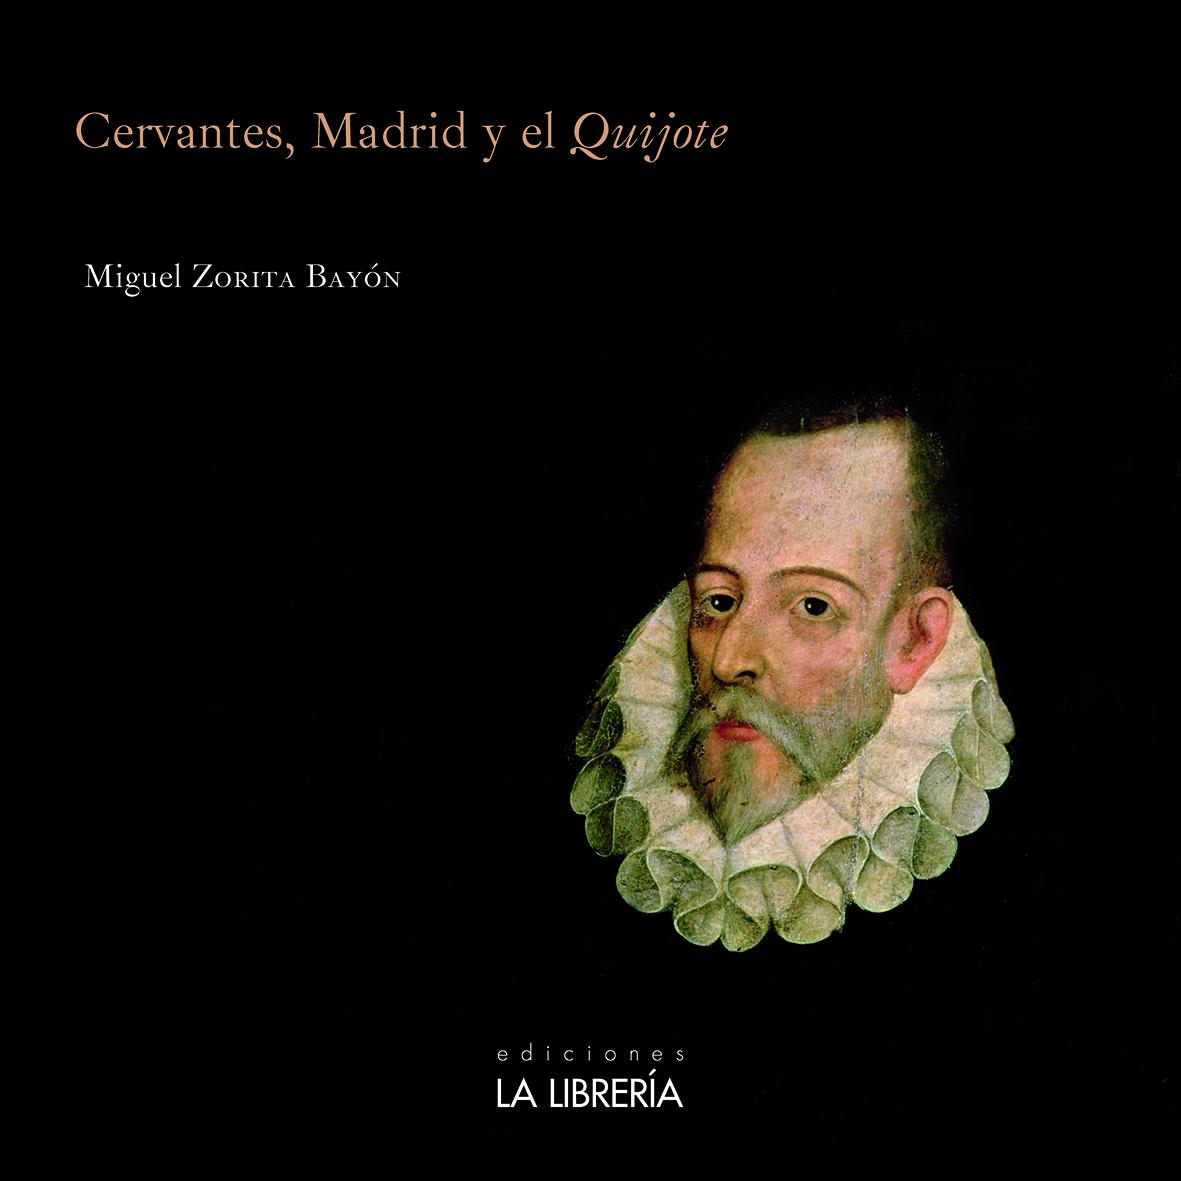 Novedad: Cervantes, Madrid y el Quijote